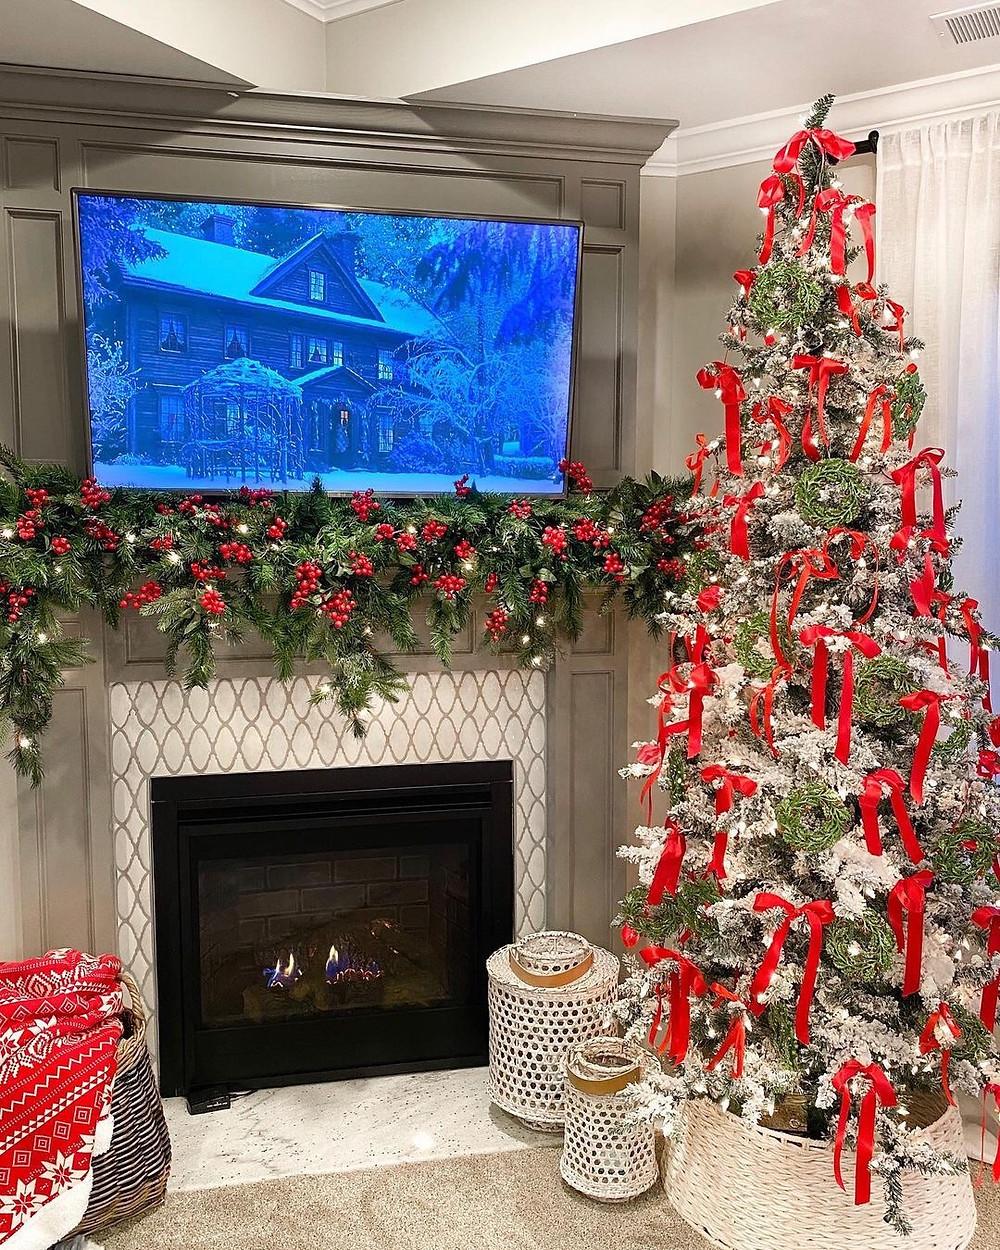 Χριστουγεννιάτικες ιδέες για να στολίσετε το τζάκι σας